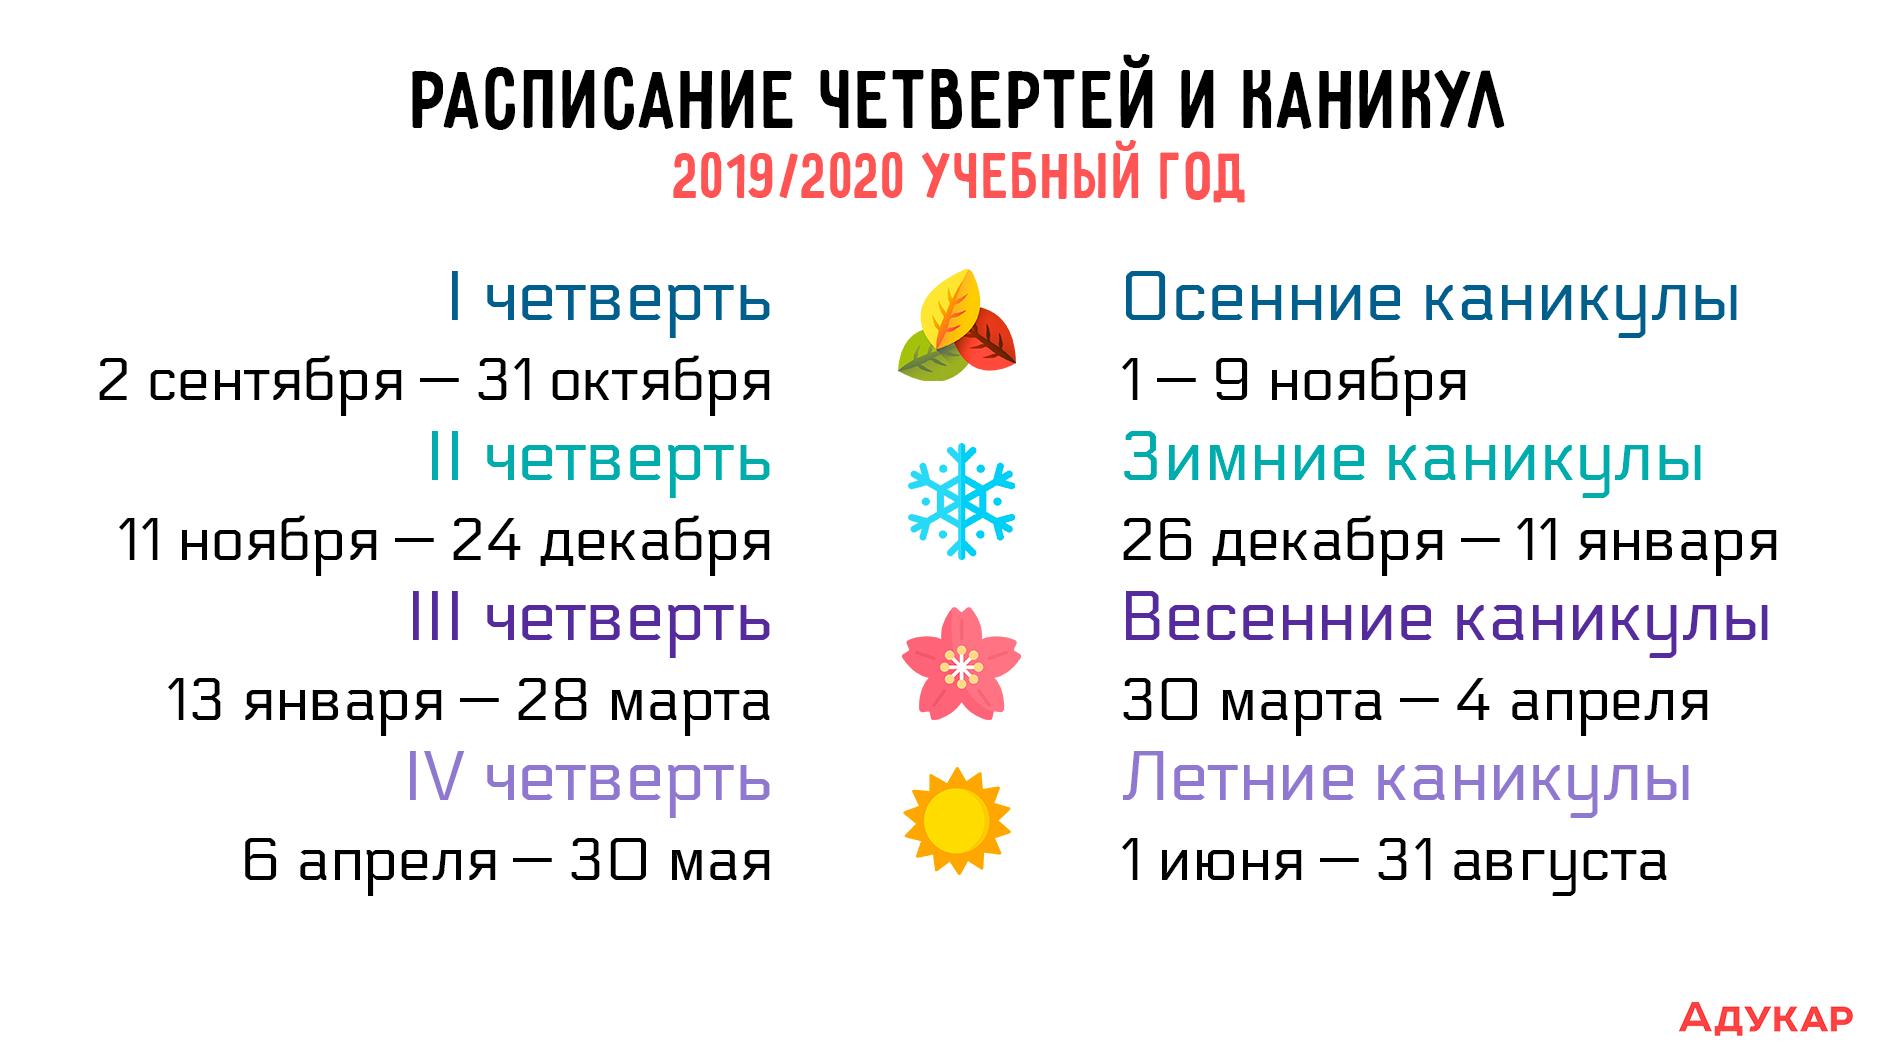 В прошлом году ученики отдыхали на четыре дня меньше (с 24 декабря по 7 января).